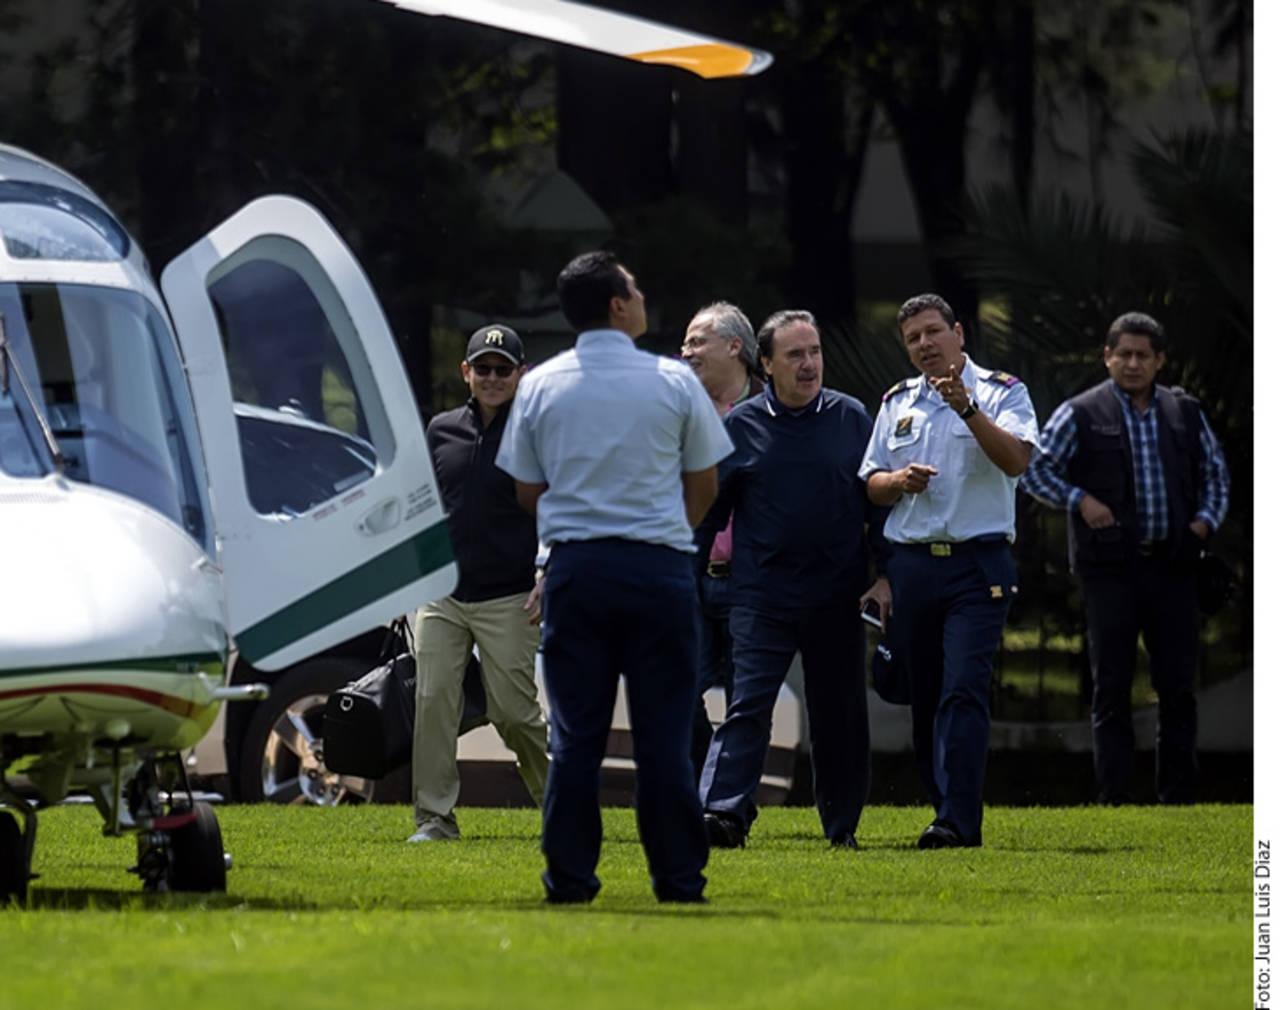 Gamboa, del Campo Marte al golf en helicóptero de Fuerza Aérea